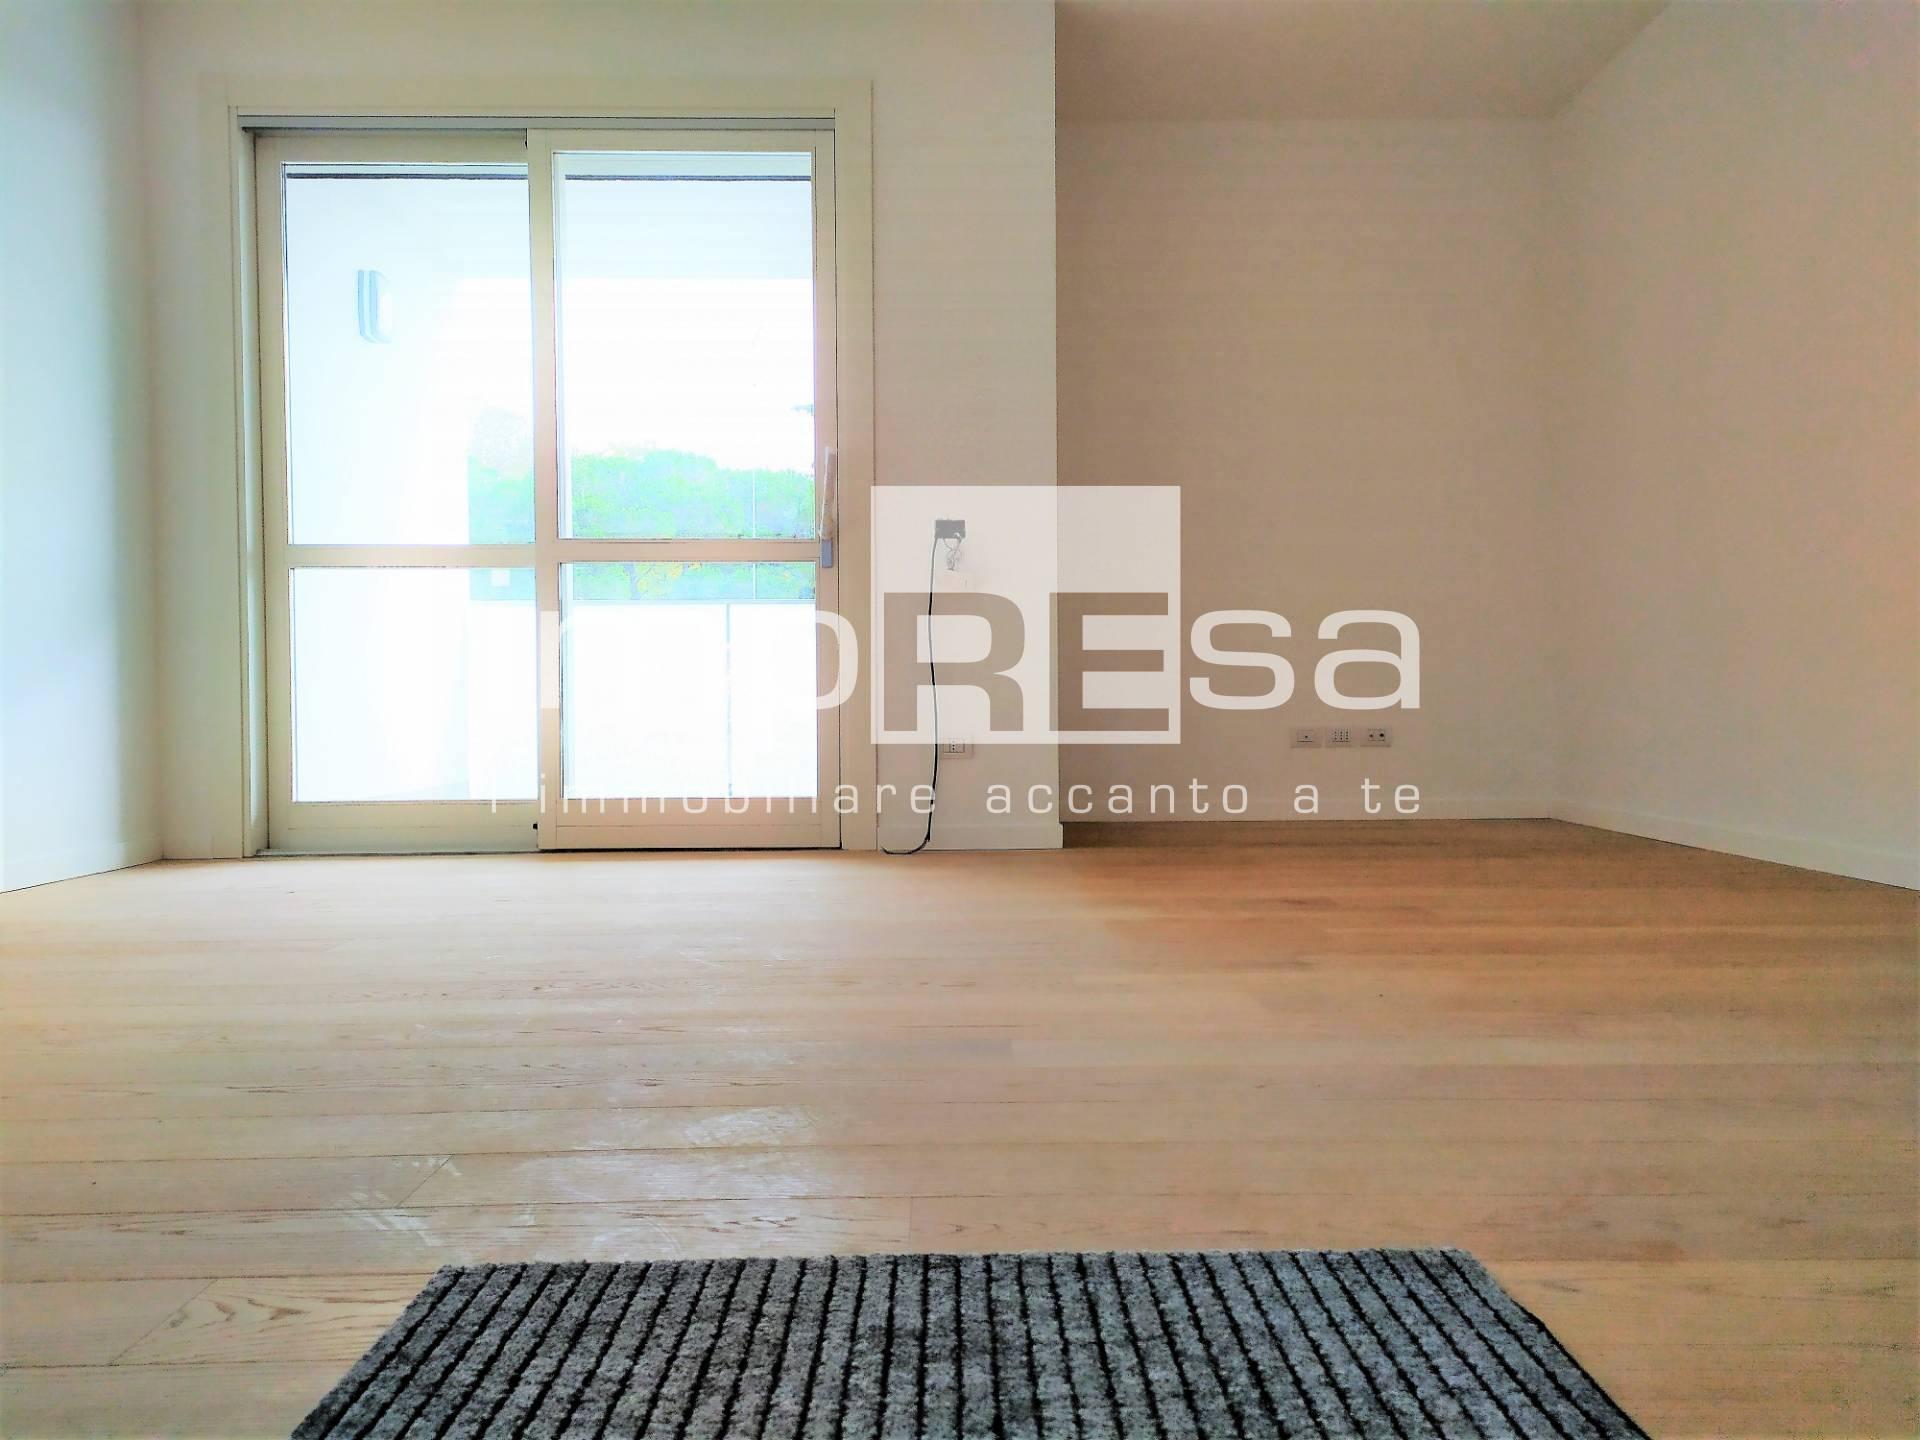 Attico / Mansarda in vendita a Conegliano, 5 locali, Trattative riservate   PortaleAgenzieImmobiliari.it